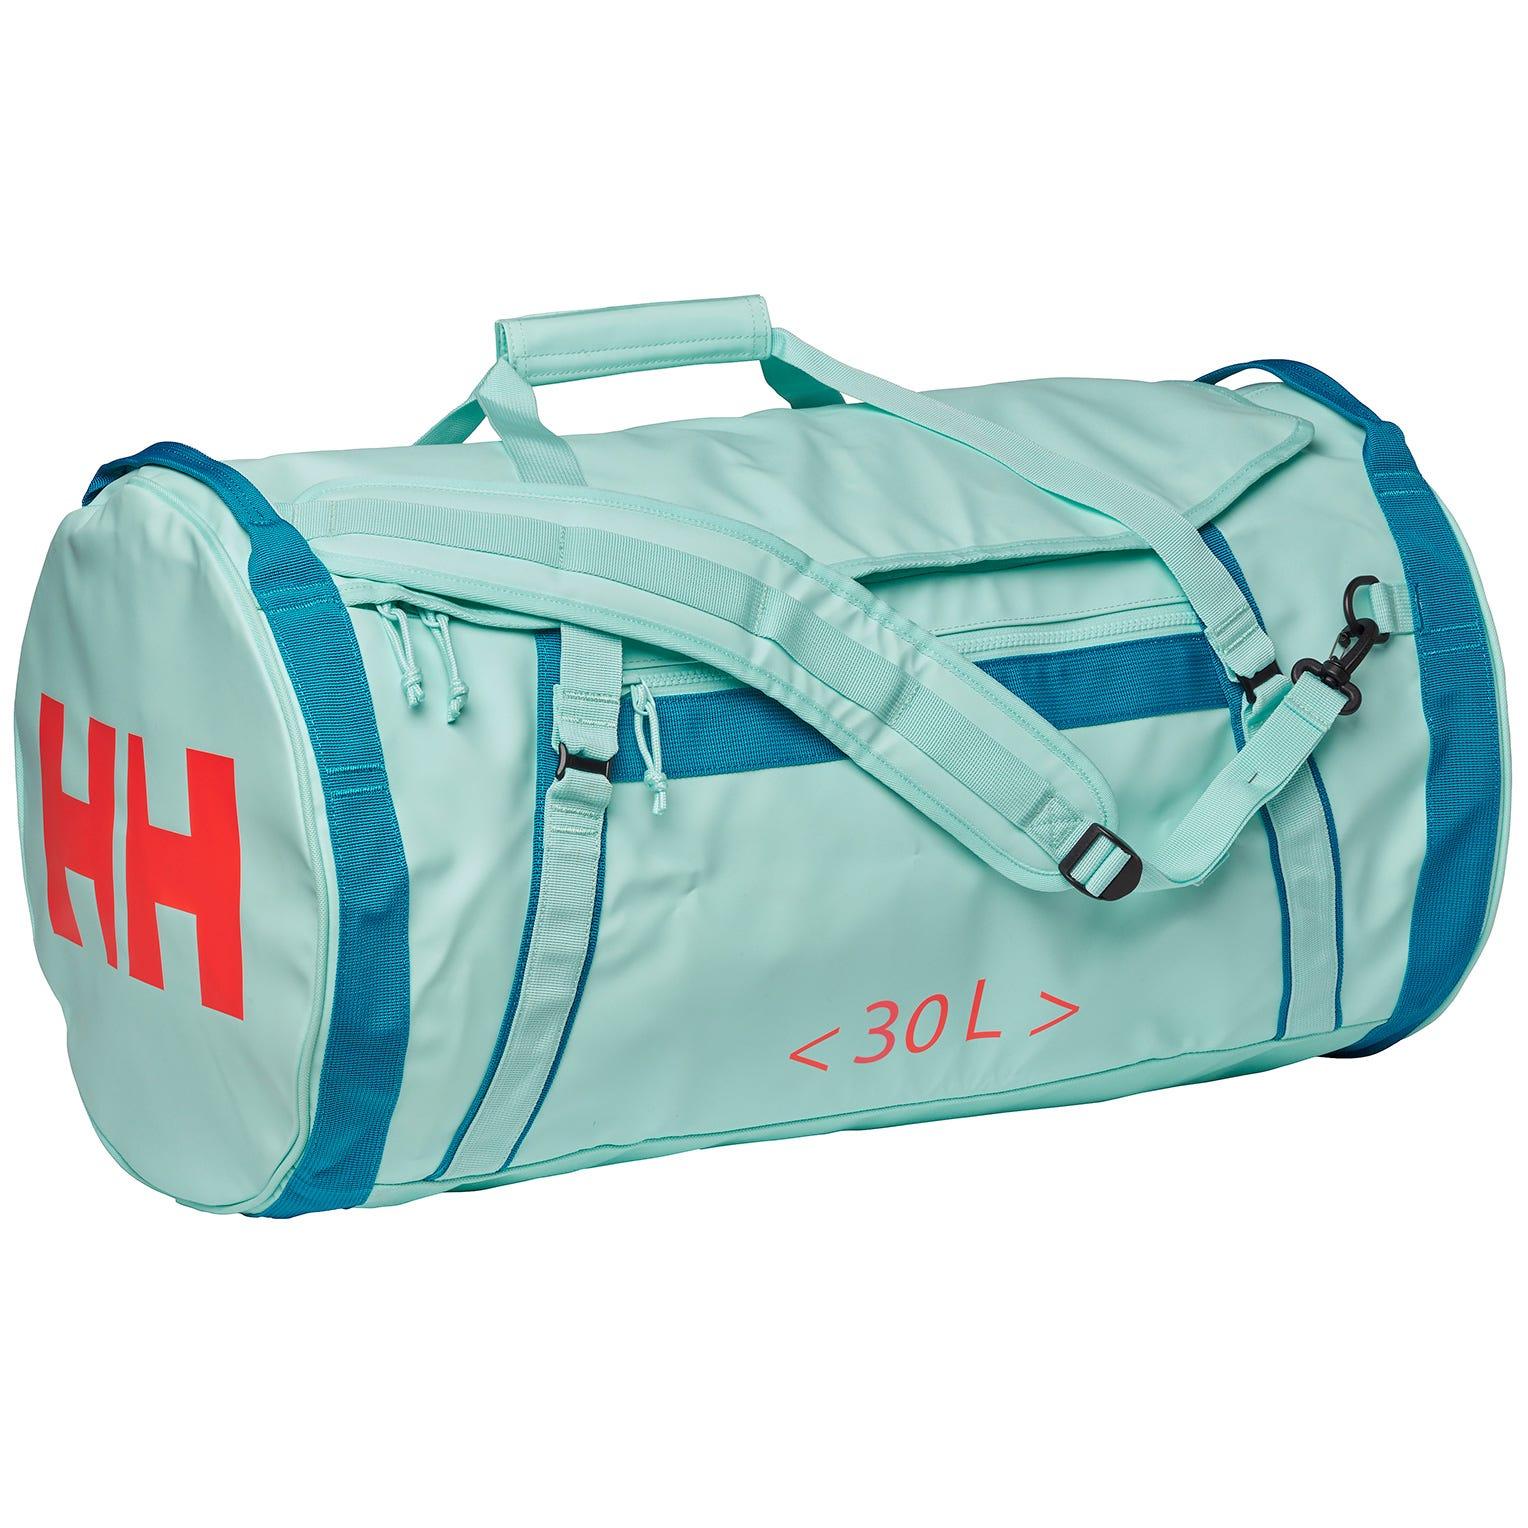 Helly Hansen säckväska 2 30l Blå STD